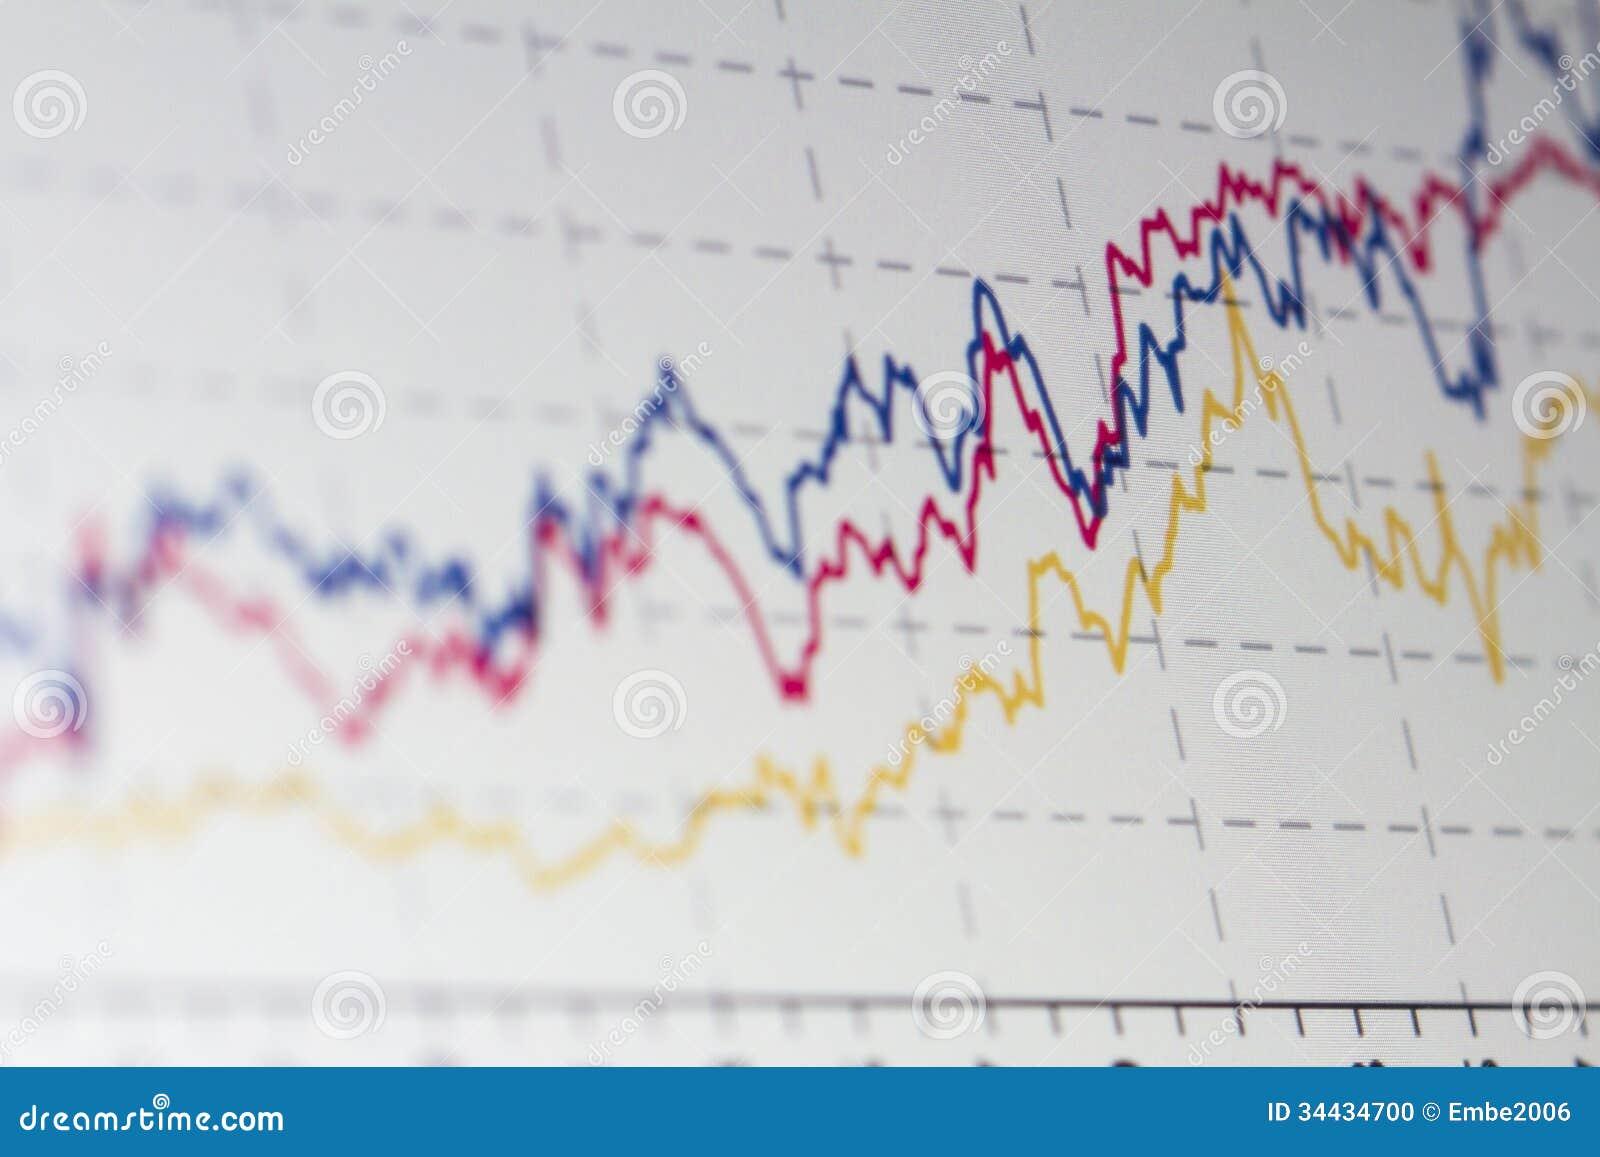 Carta do mercado de valores de ação